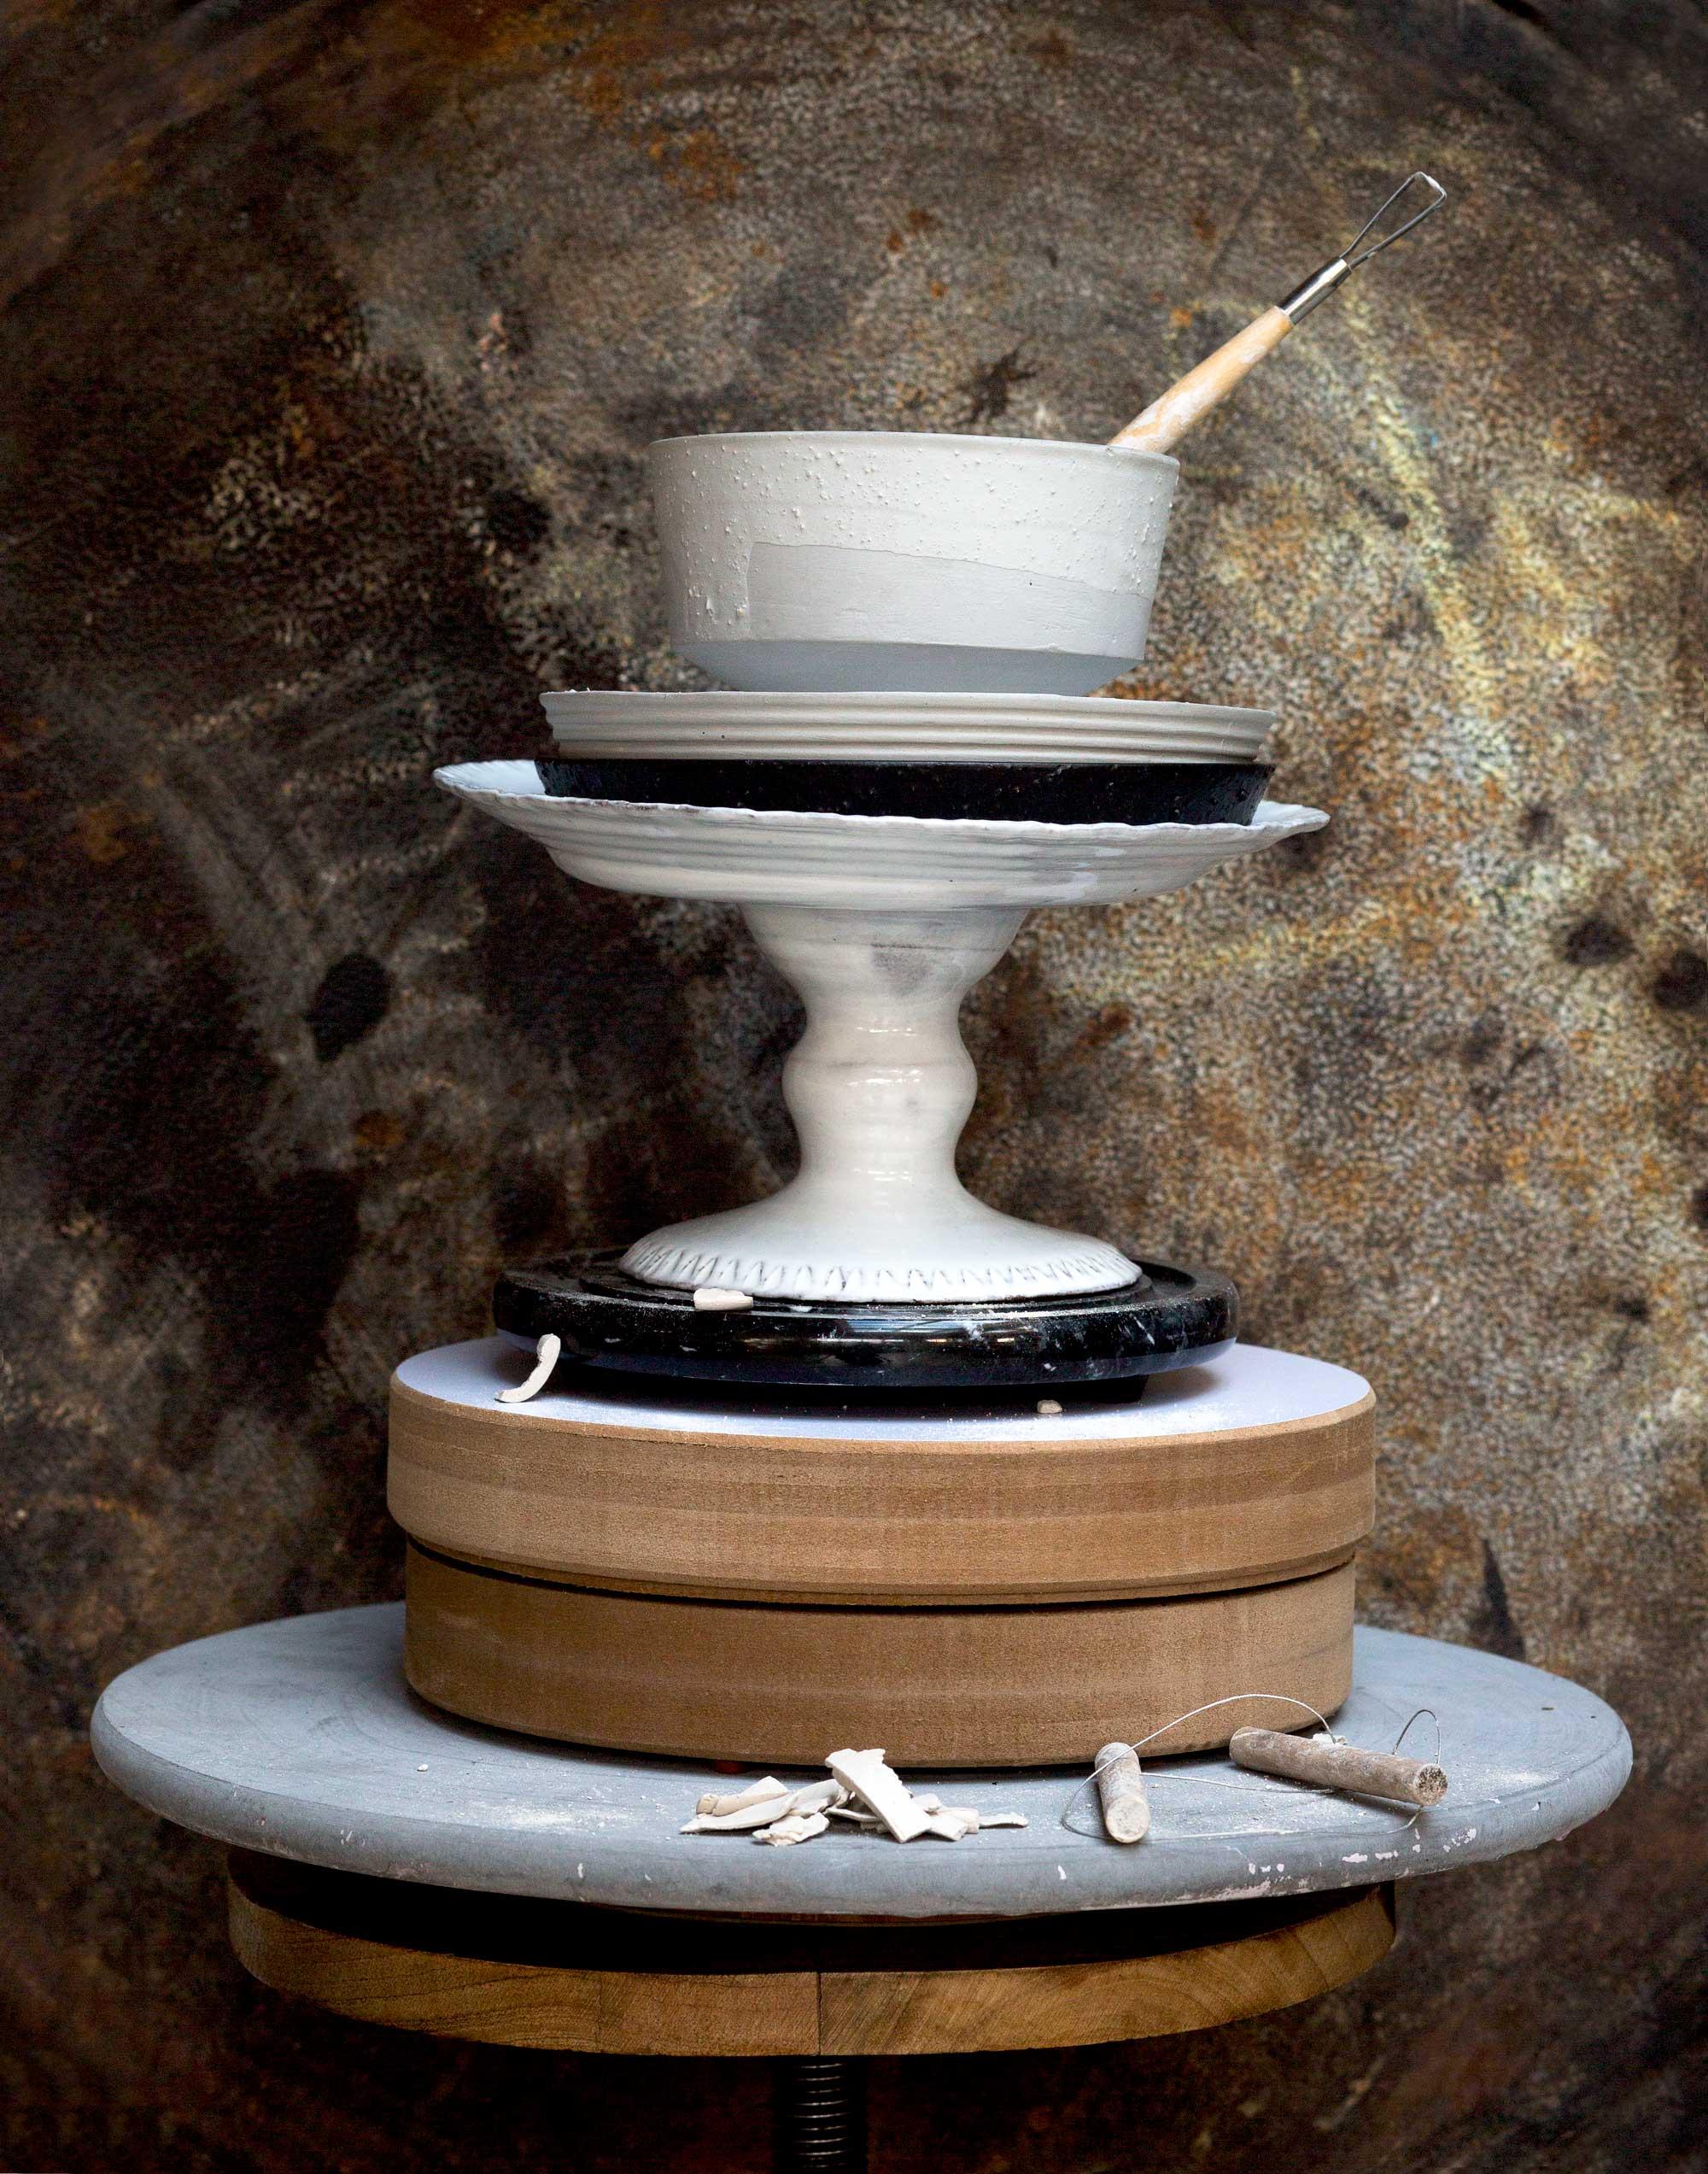 draaischijf met keramiek